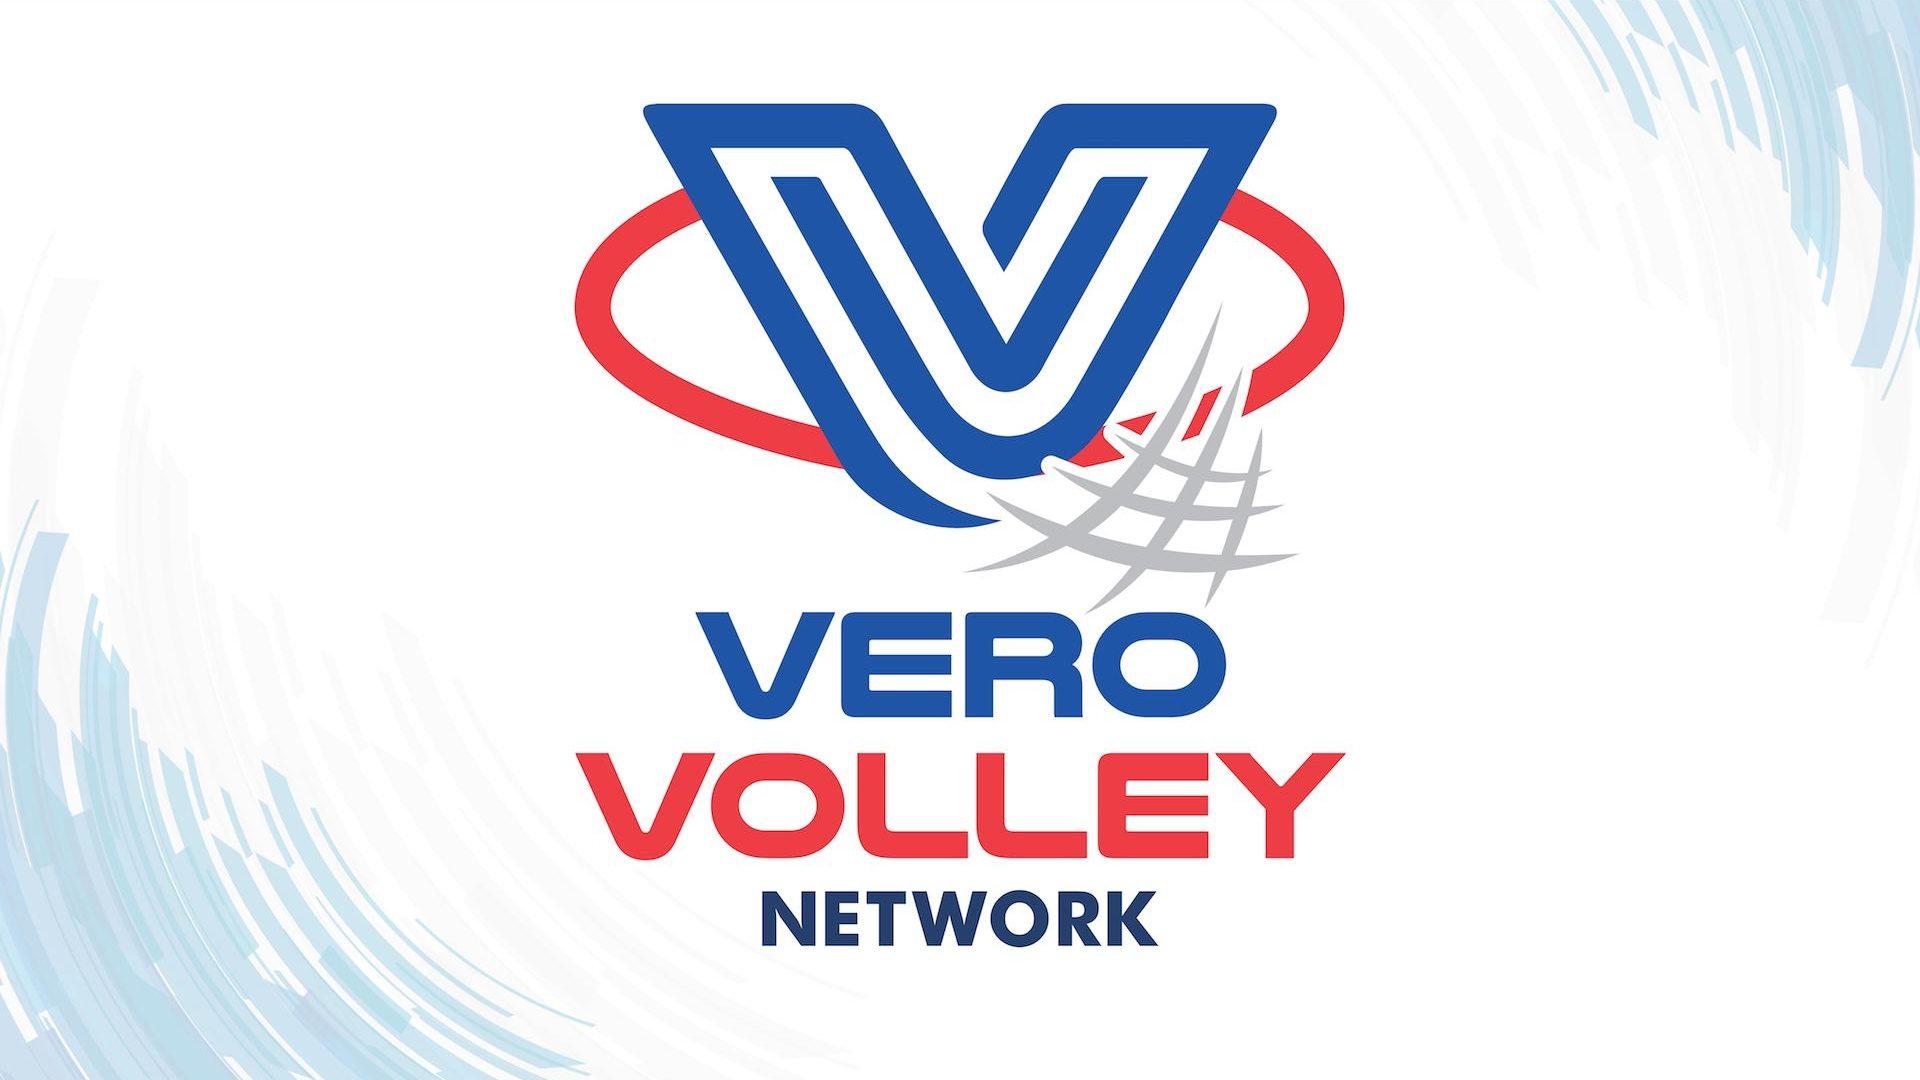 logo vero volley network